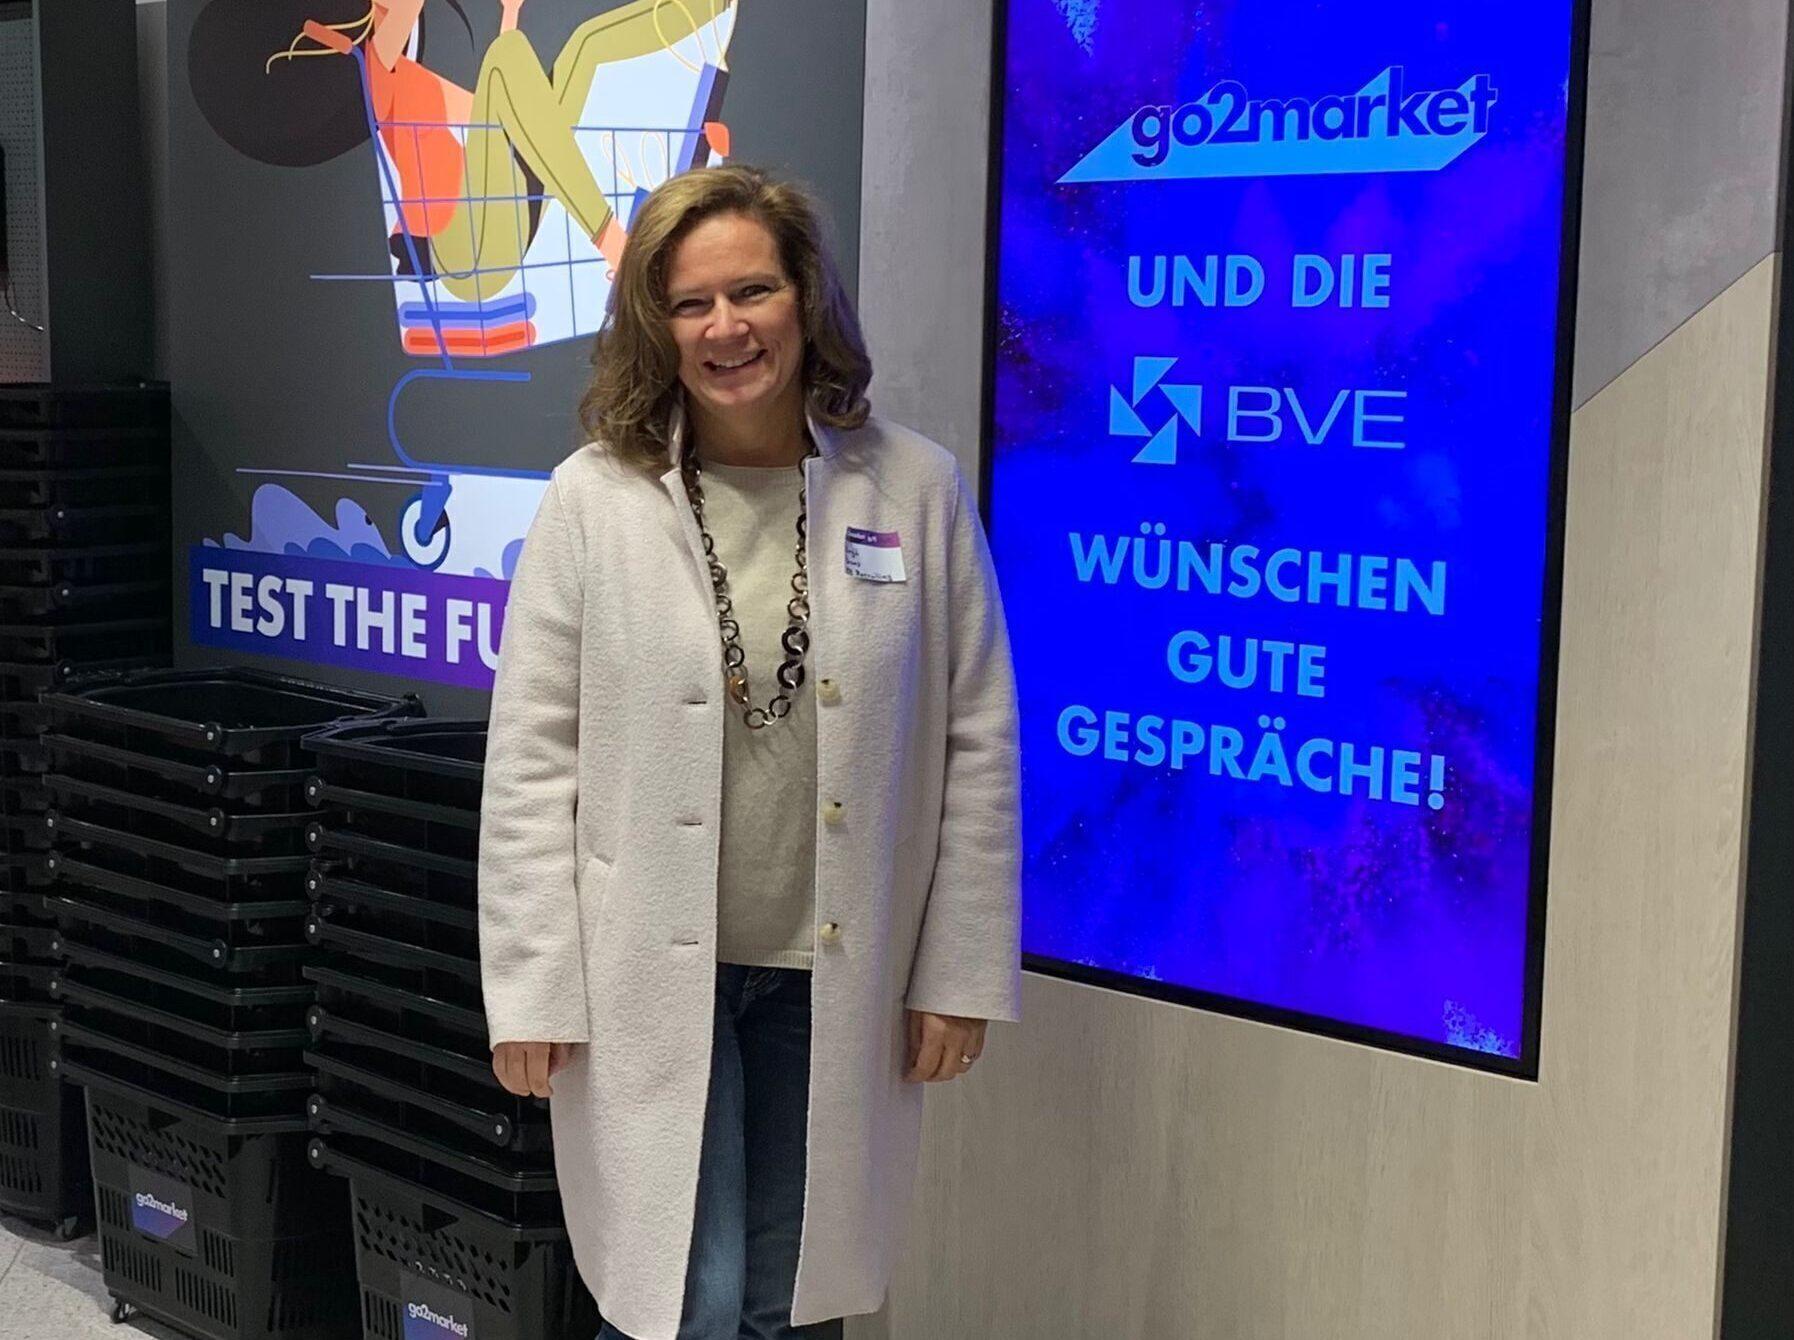 Am vergangenen Samstag präsentierte go2market parallel zur Anuga den Markt in Köln erstmals einem größeren Fach-Publikum mit einem Anuga Side Event. - Wir von BBRecruiting Personalberatung wünschen viel Erfolg!